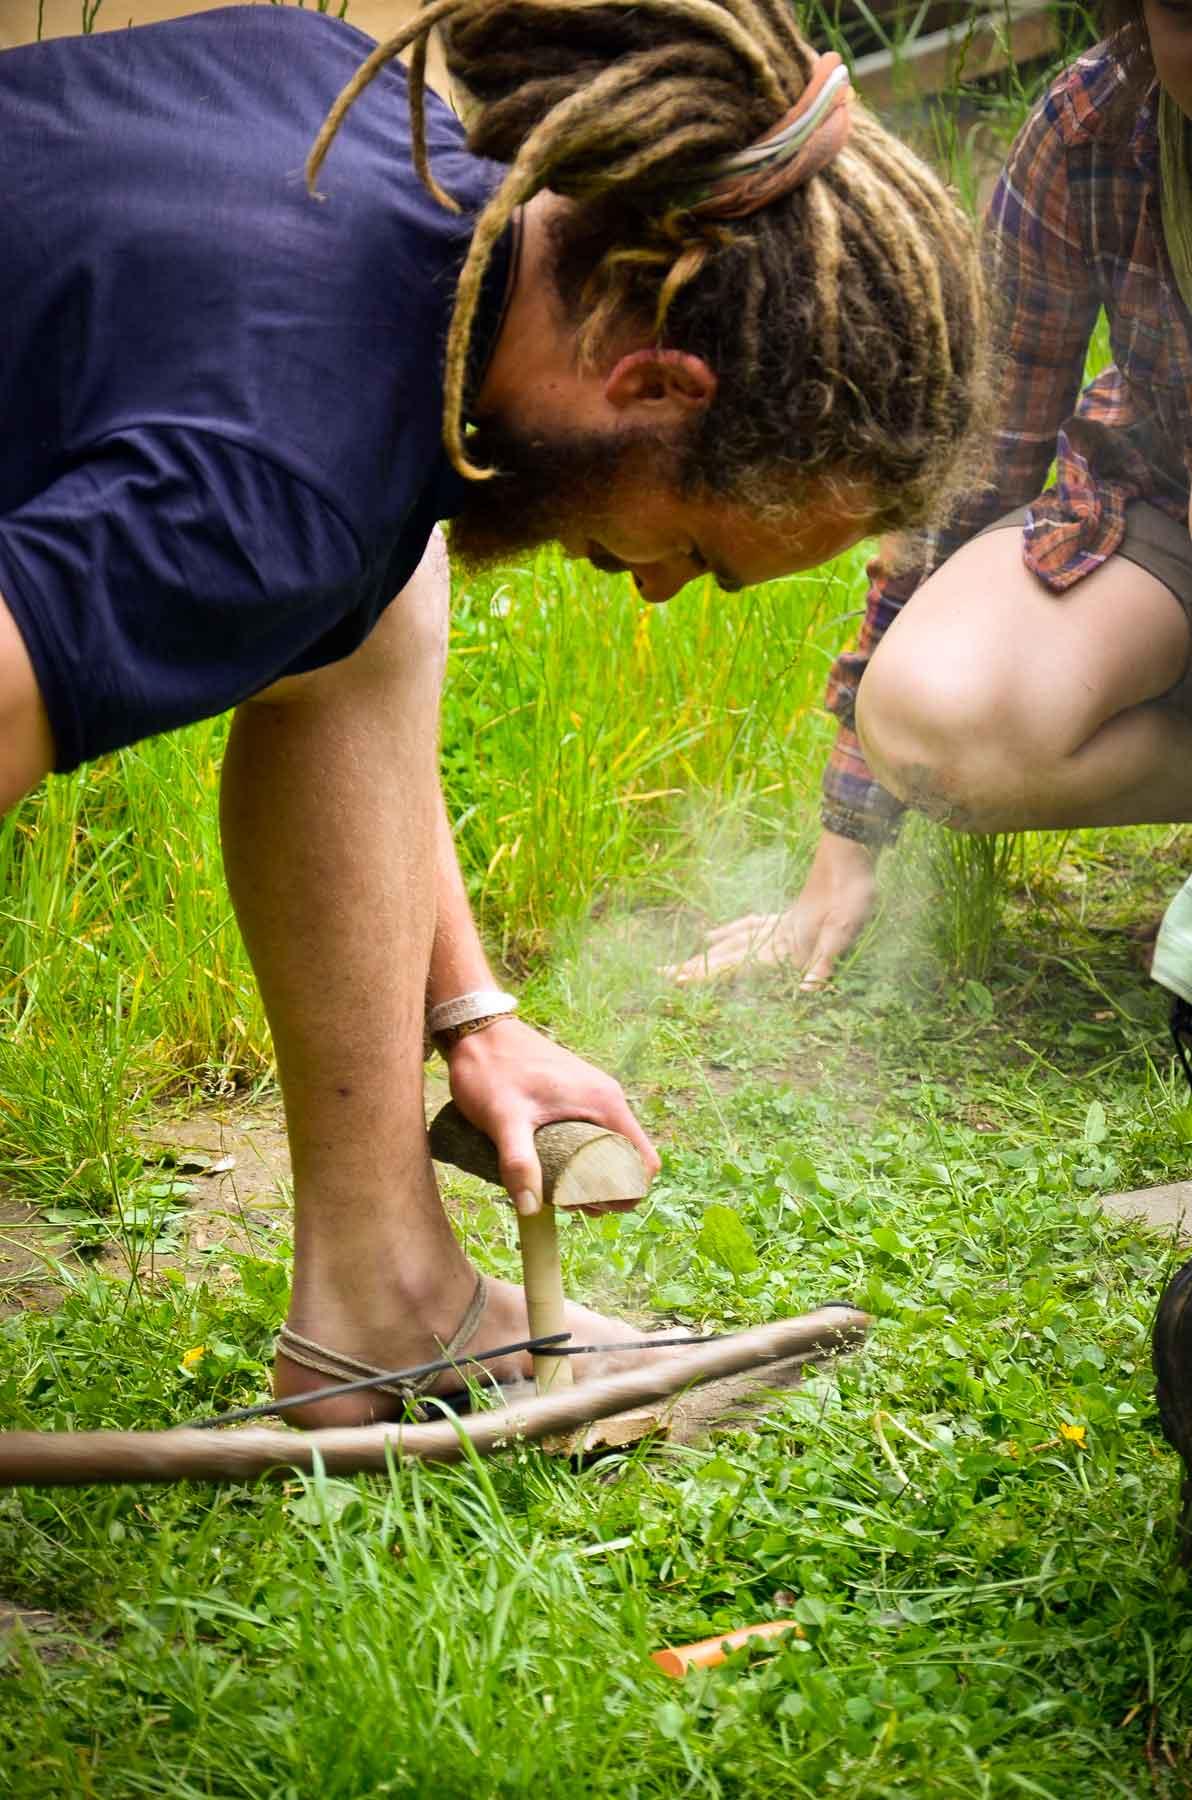 Wildnispaedagogik Weiterbildung Naturpaedagogik Umweltpaedagogik